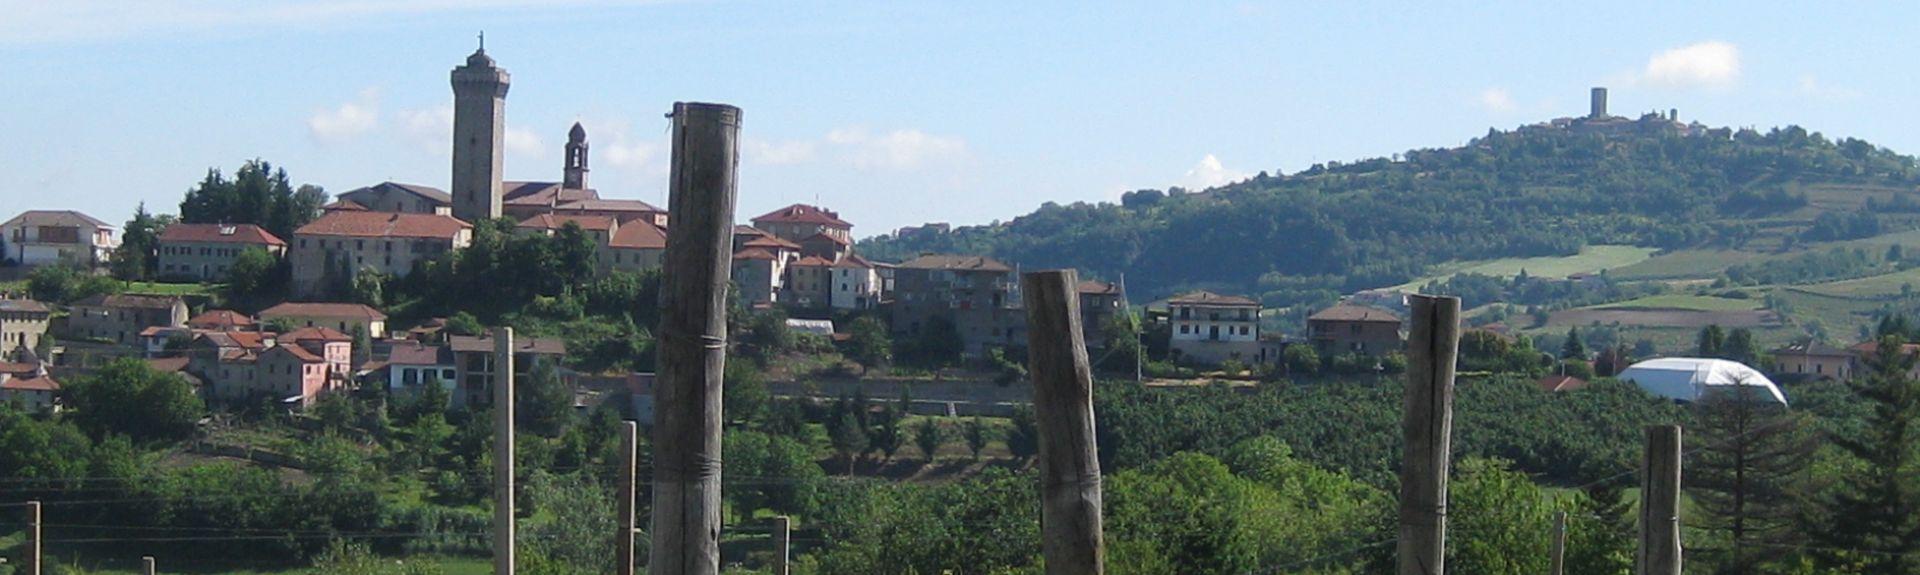 Borgonovo, Piemonte, Italien